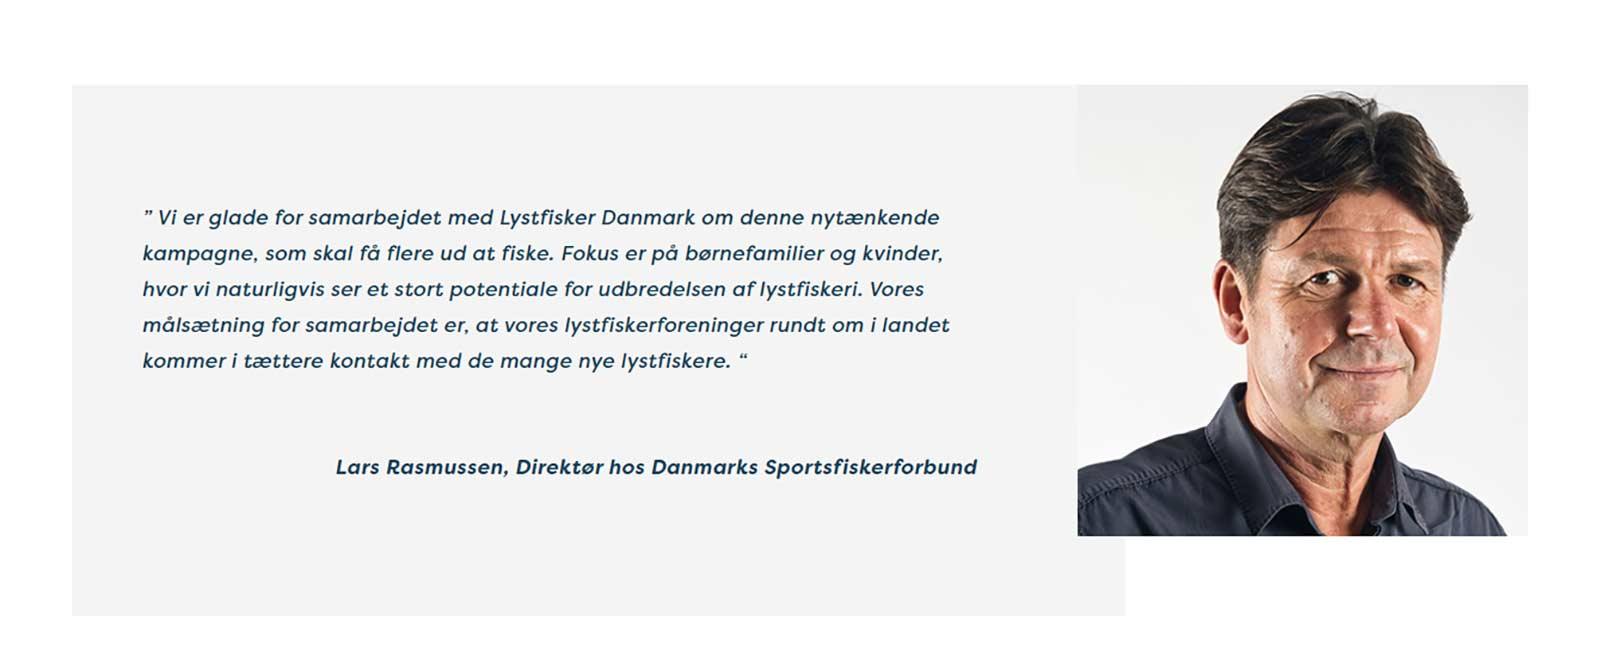 DSFs direktør Lars Rasmussen siger at DSF samarbejder med fiishinginddenmark.info om at få flere nye lystfiskere, mens DSFs formand siger at arbejdet for flere lystfiskerturister nedtones.